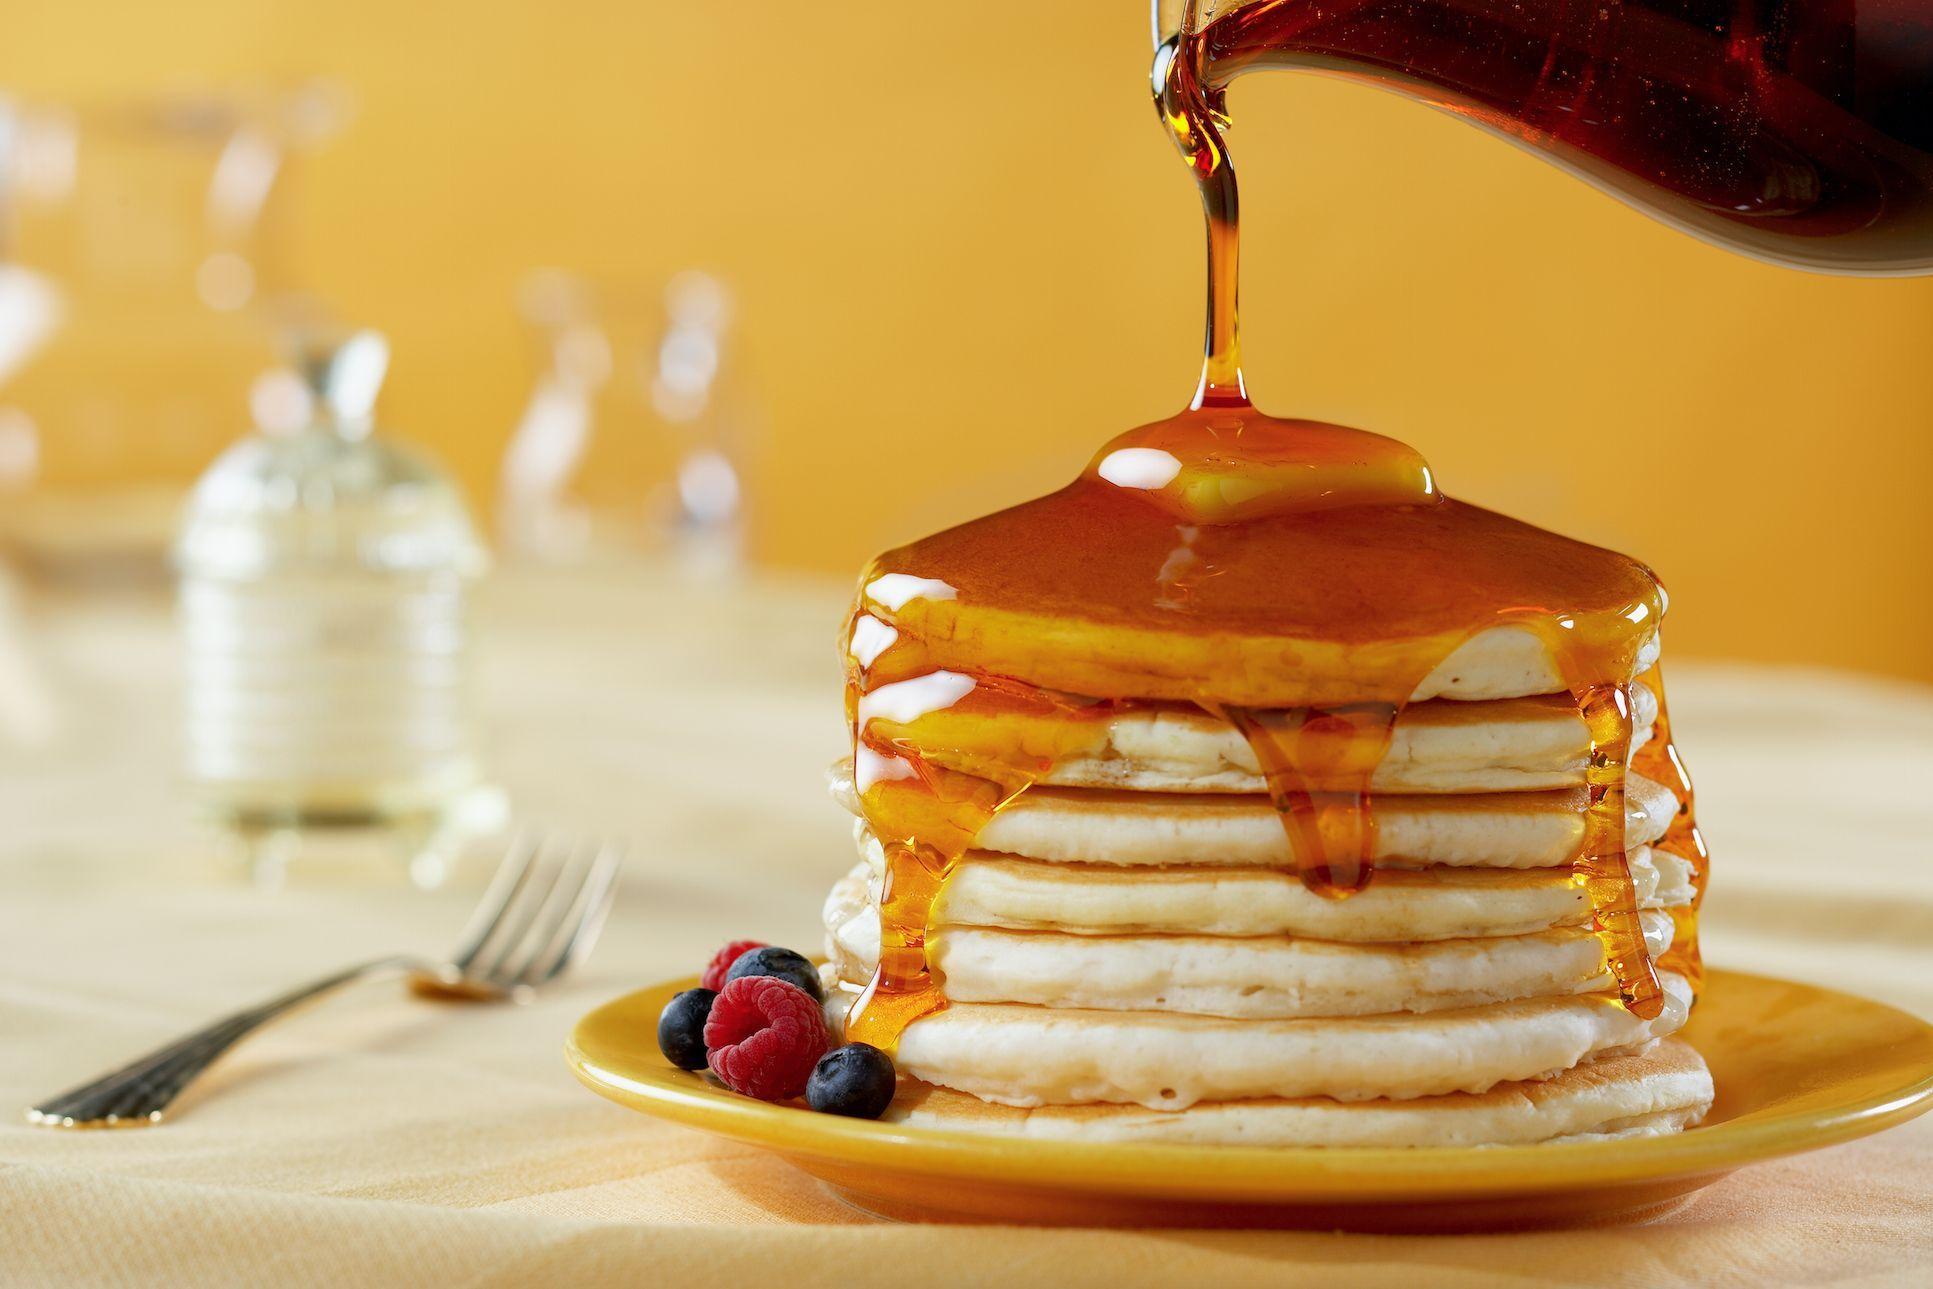 Mengenal Sirup Maple Manfaat Dan Kegunaannya Makanan Resep Makanan Penutup Hidangan Penutup